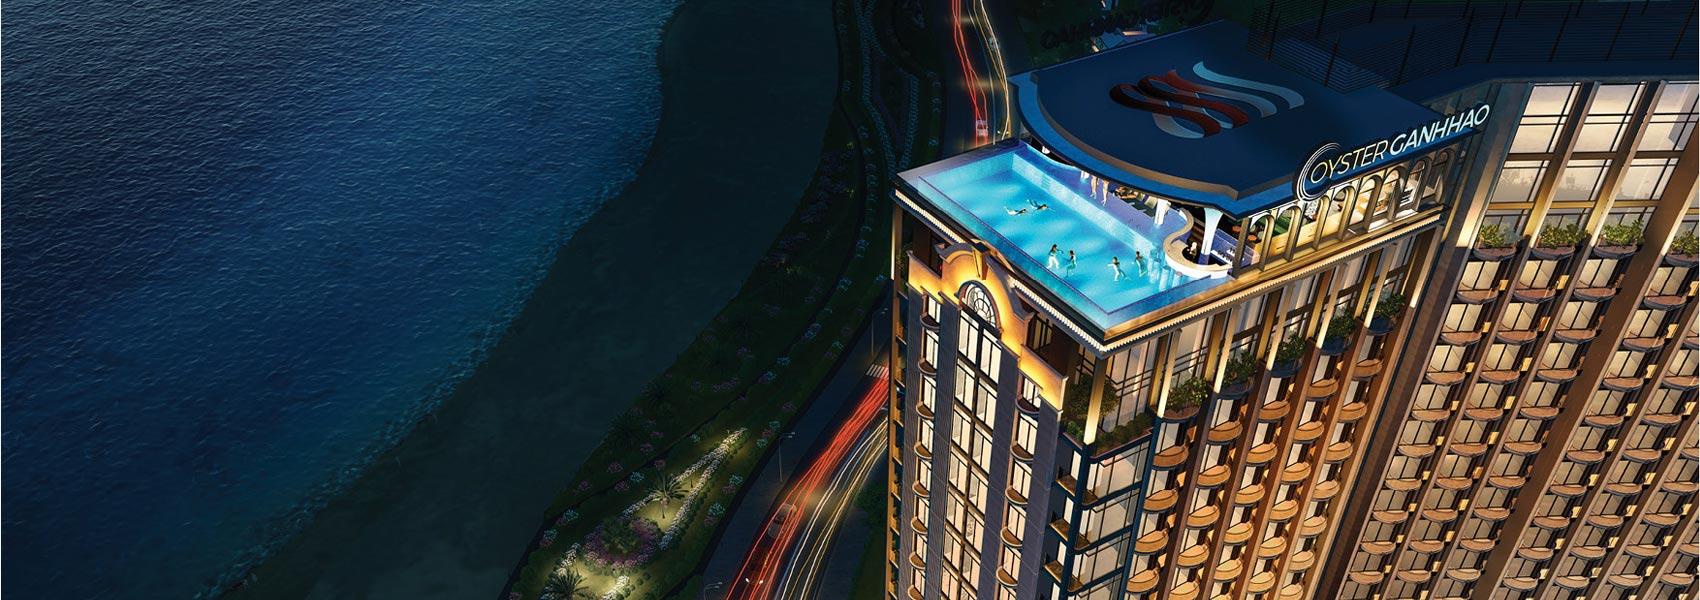 View ban đêm dự án căn hộ Condotel Oyster Gành Hào Đường 82 Trần Phú chủ đầu tư Vietpearl Group